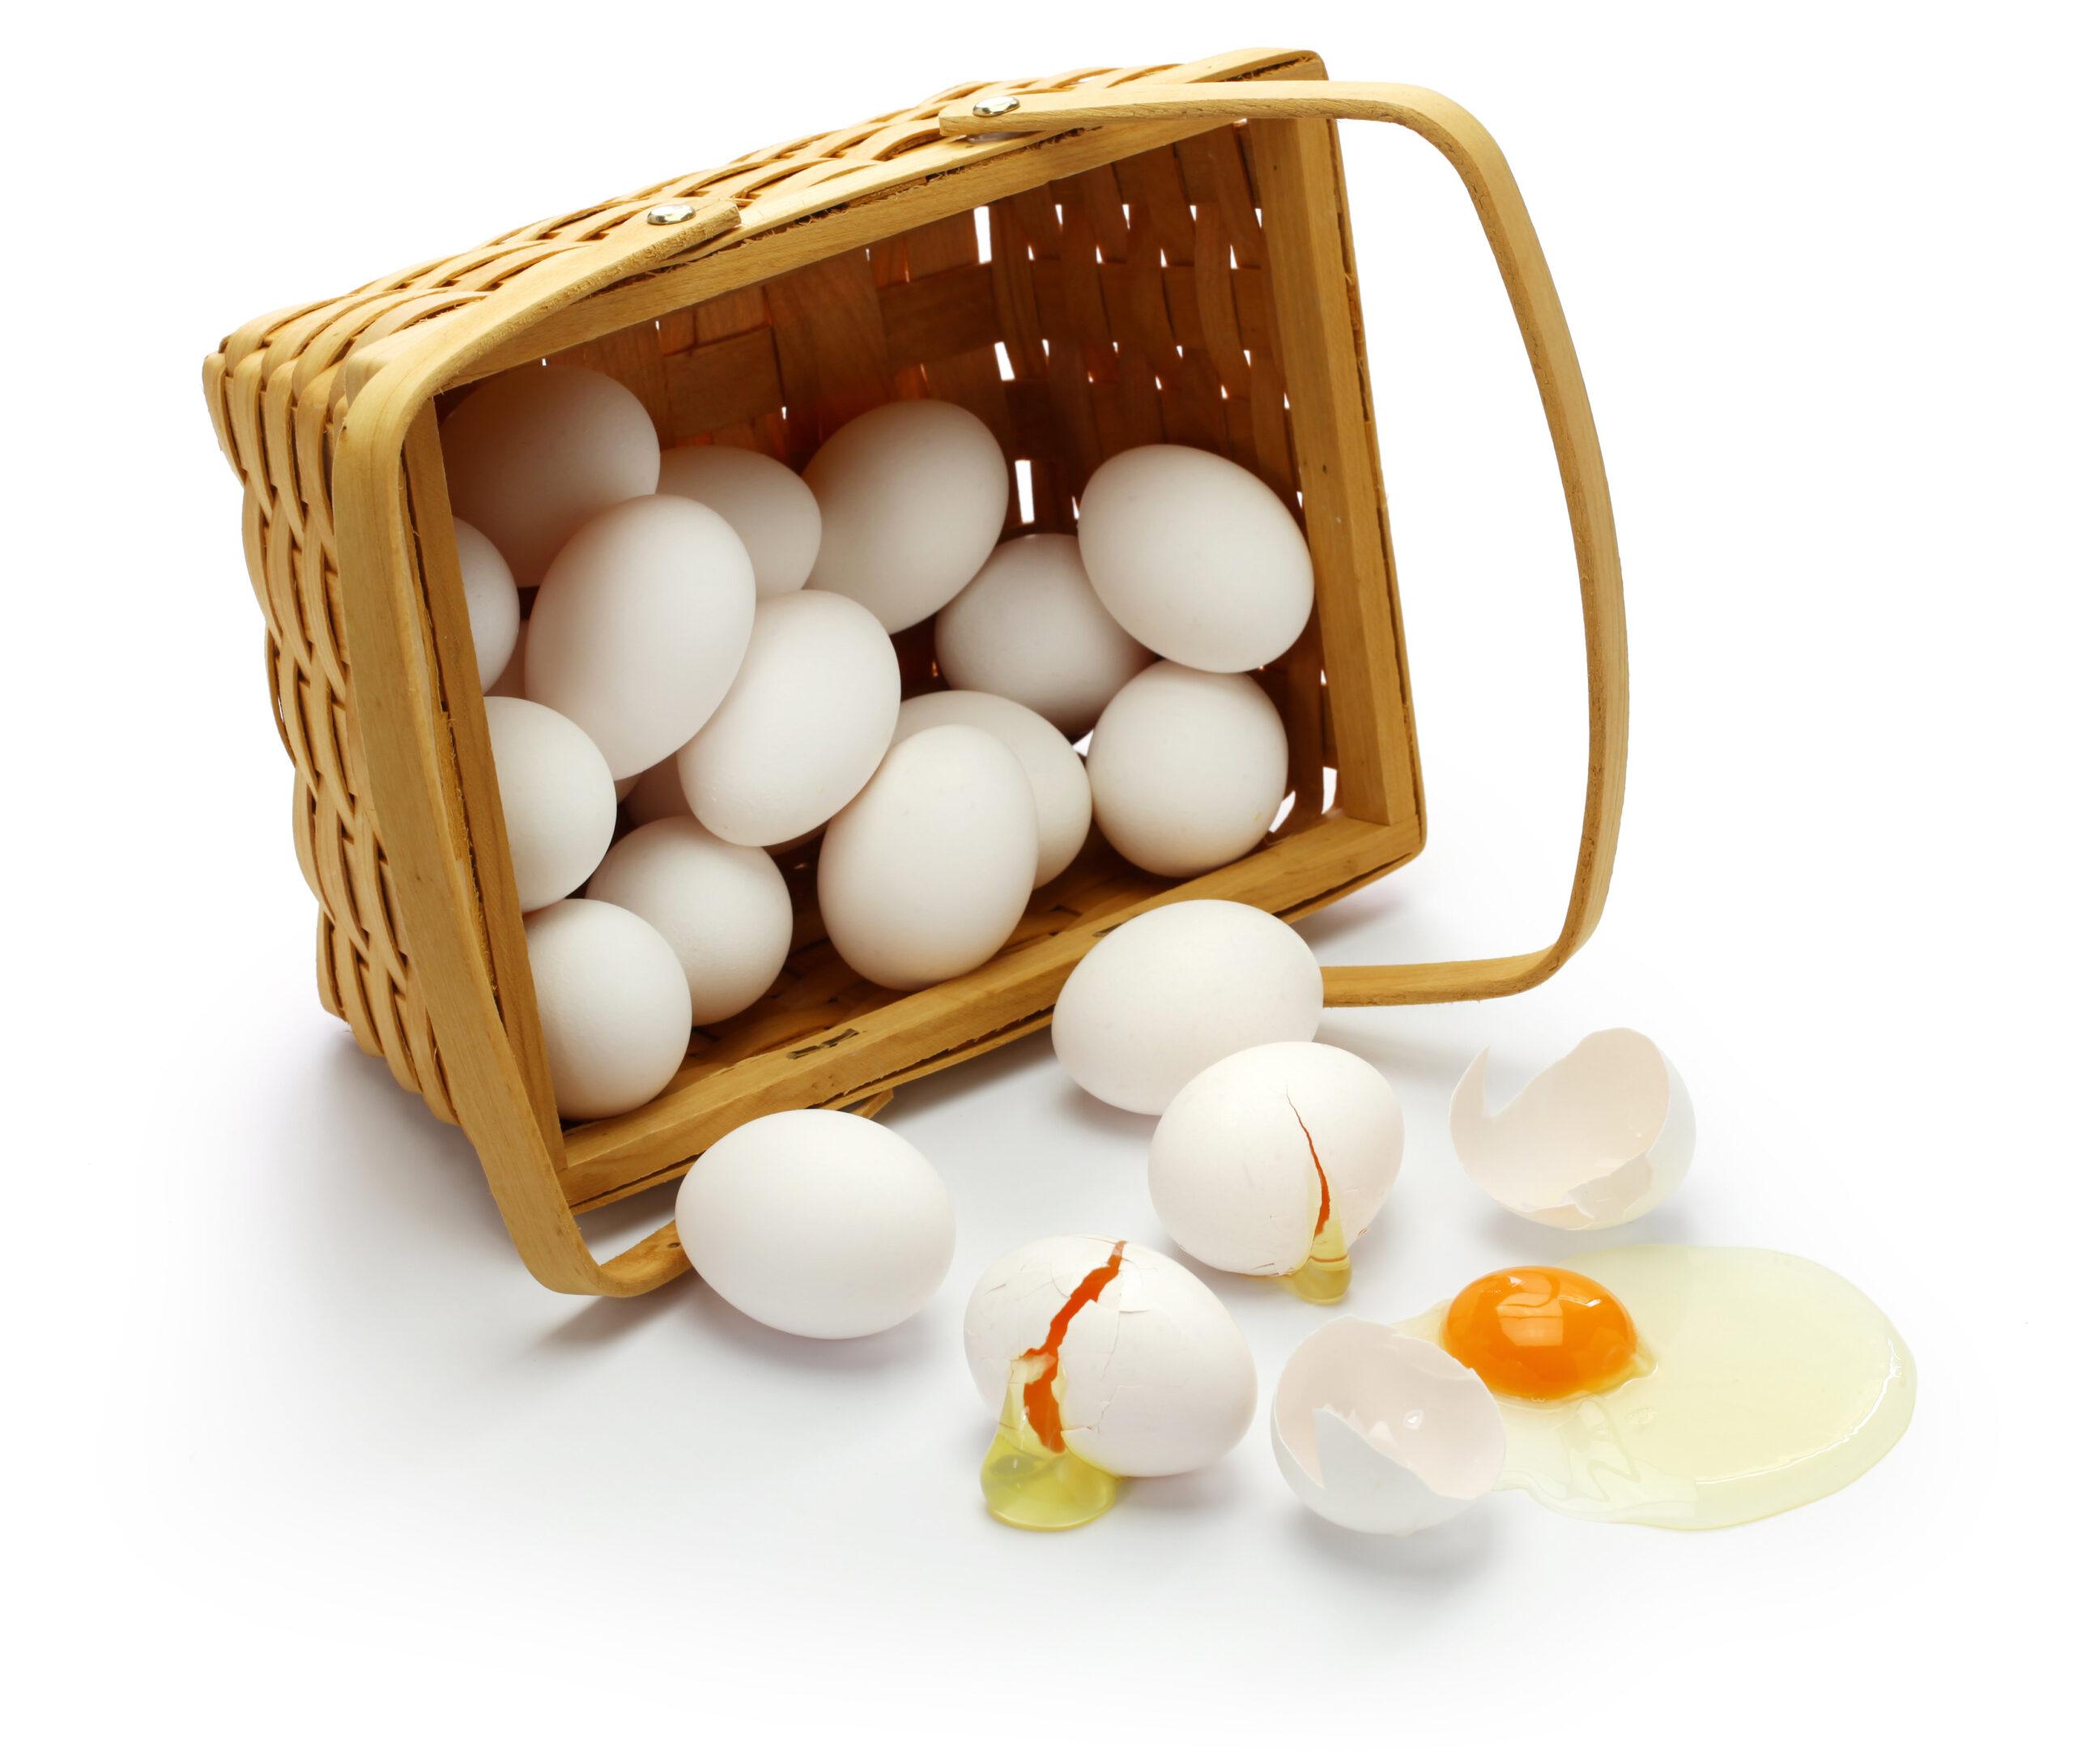 全部の卵を1つのカゴに入れてはいけない